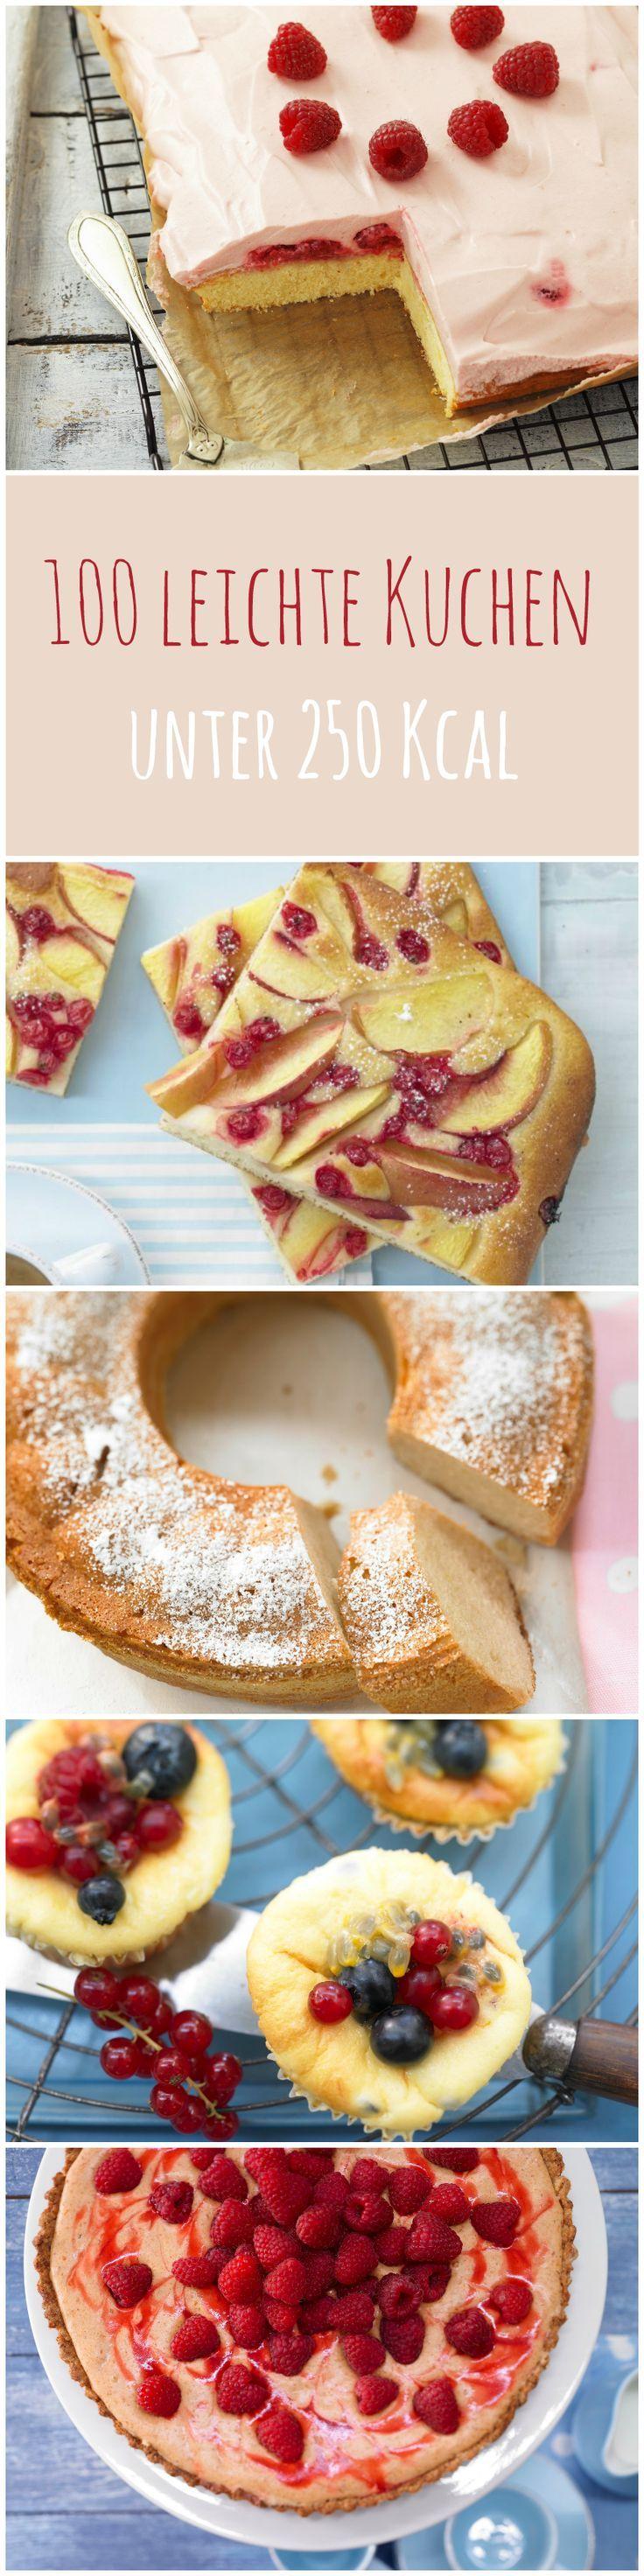 Leichte Kuchen Geschtempelt #dessertlegerfacile